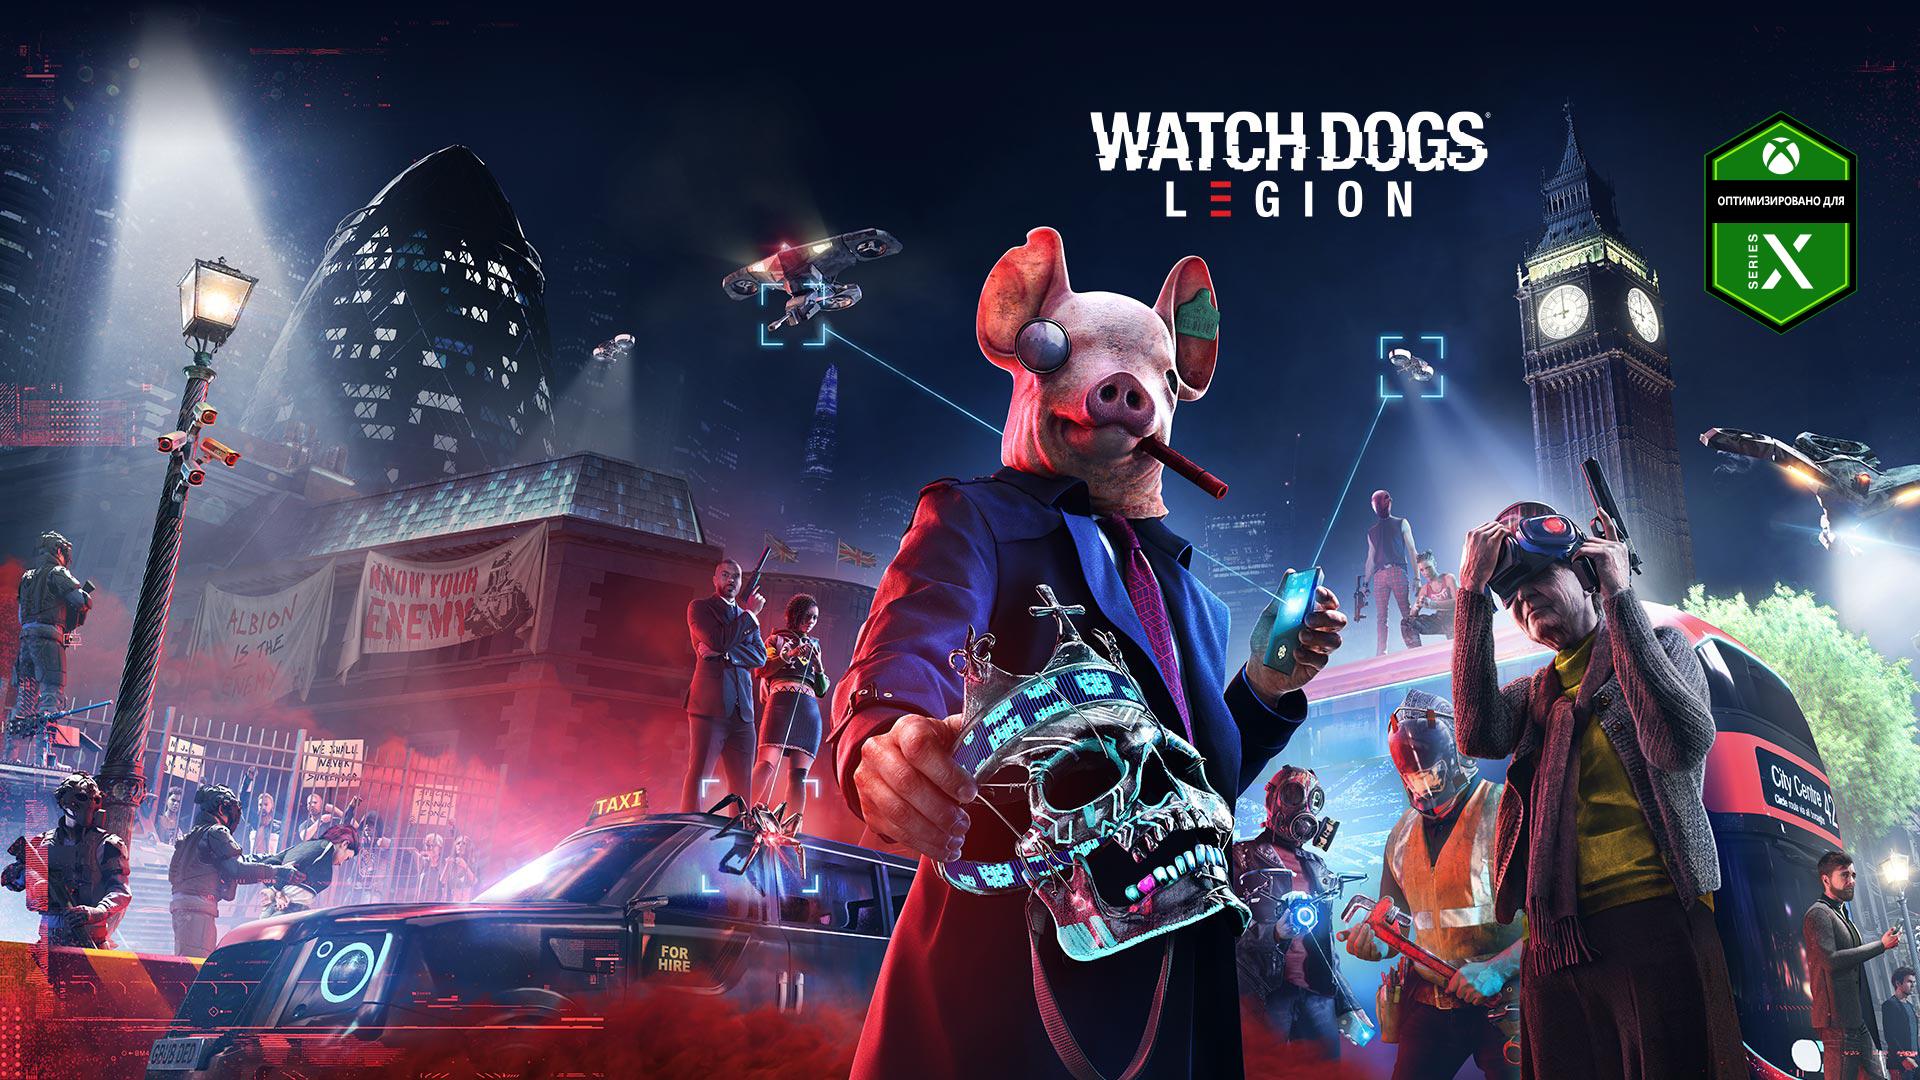 Эмблема «Оптимизировано для SeriesX», логотип Watch Dogs Legion: человек в маске свиньи с черепом в руках, два дрона, Биг-Бен и несколько других персонажей с оружием в руках